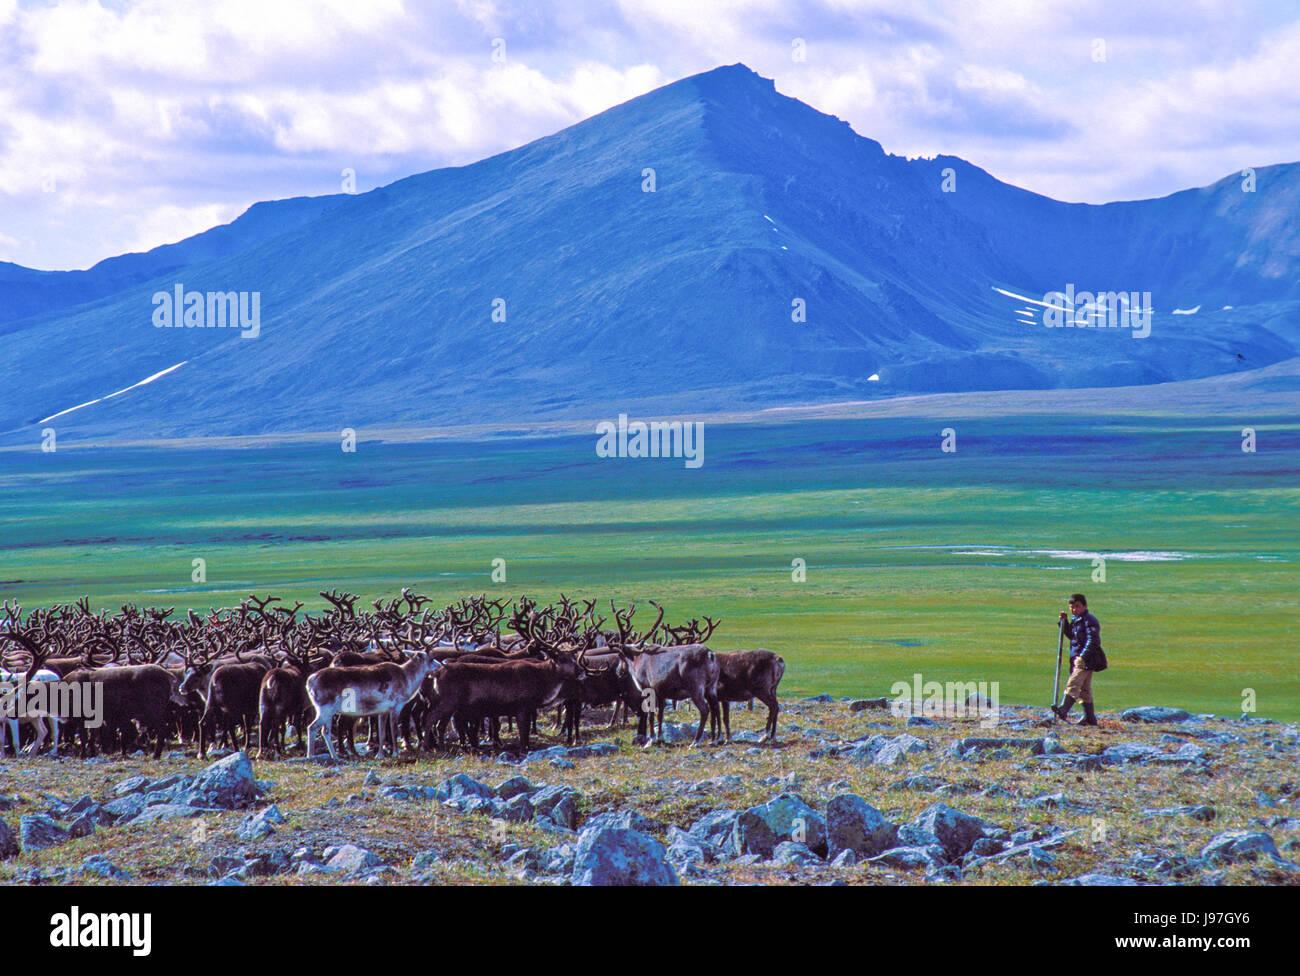 Chukchi nómadas pastores de renos campamento en los Chukchi o península de Chukotka, en el Lejano Oriente Imagen De Stock